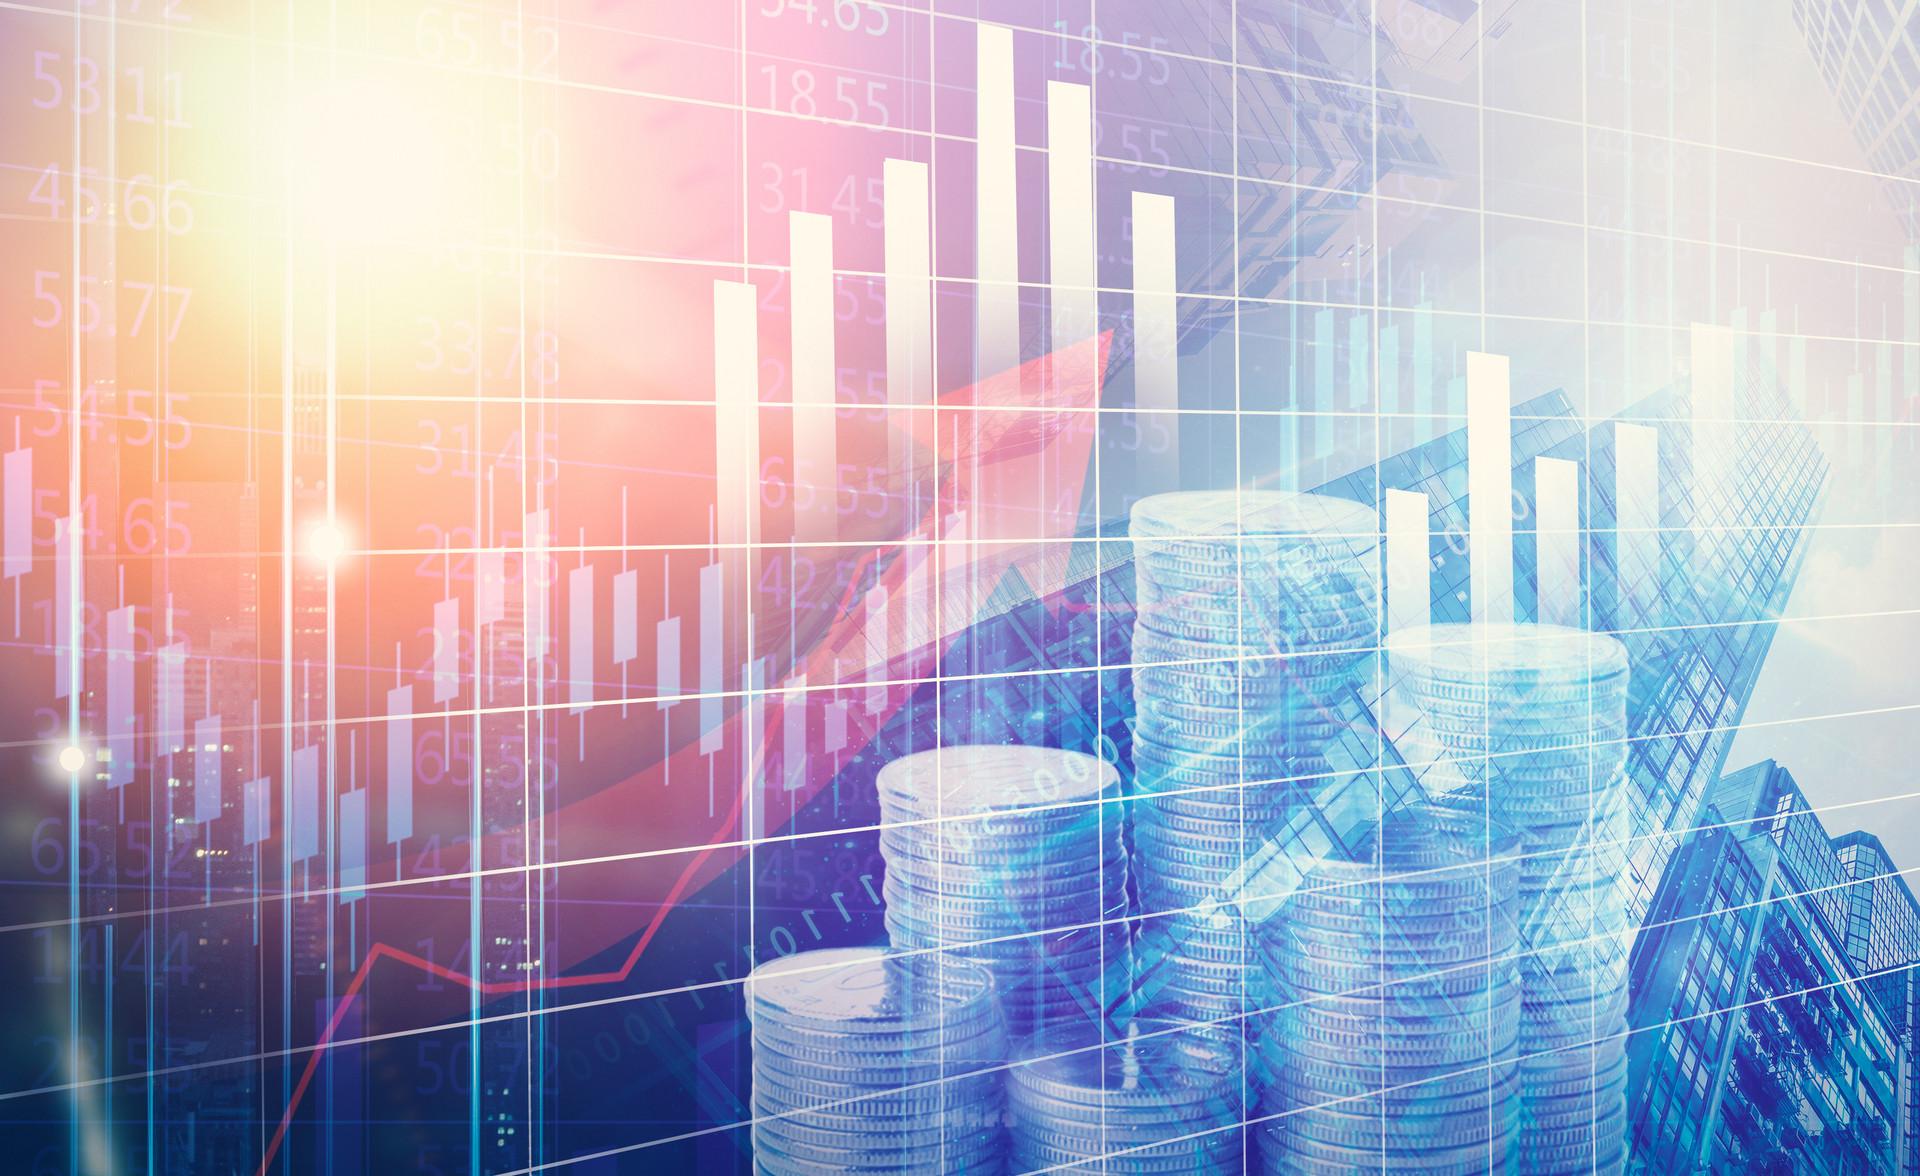 10月债券市场共发行各类债券3.1万亿元